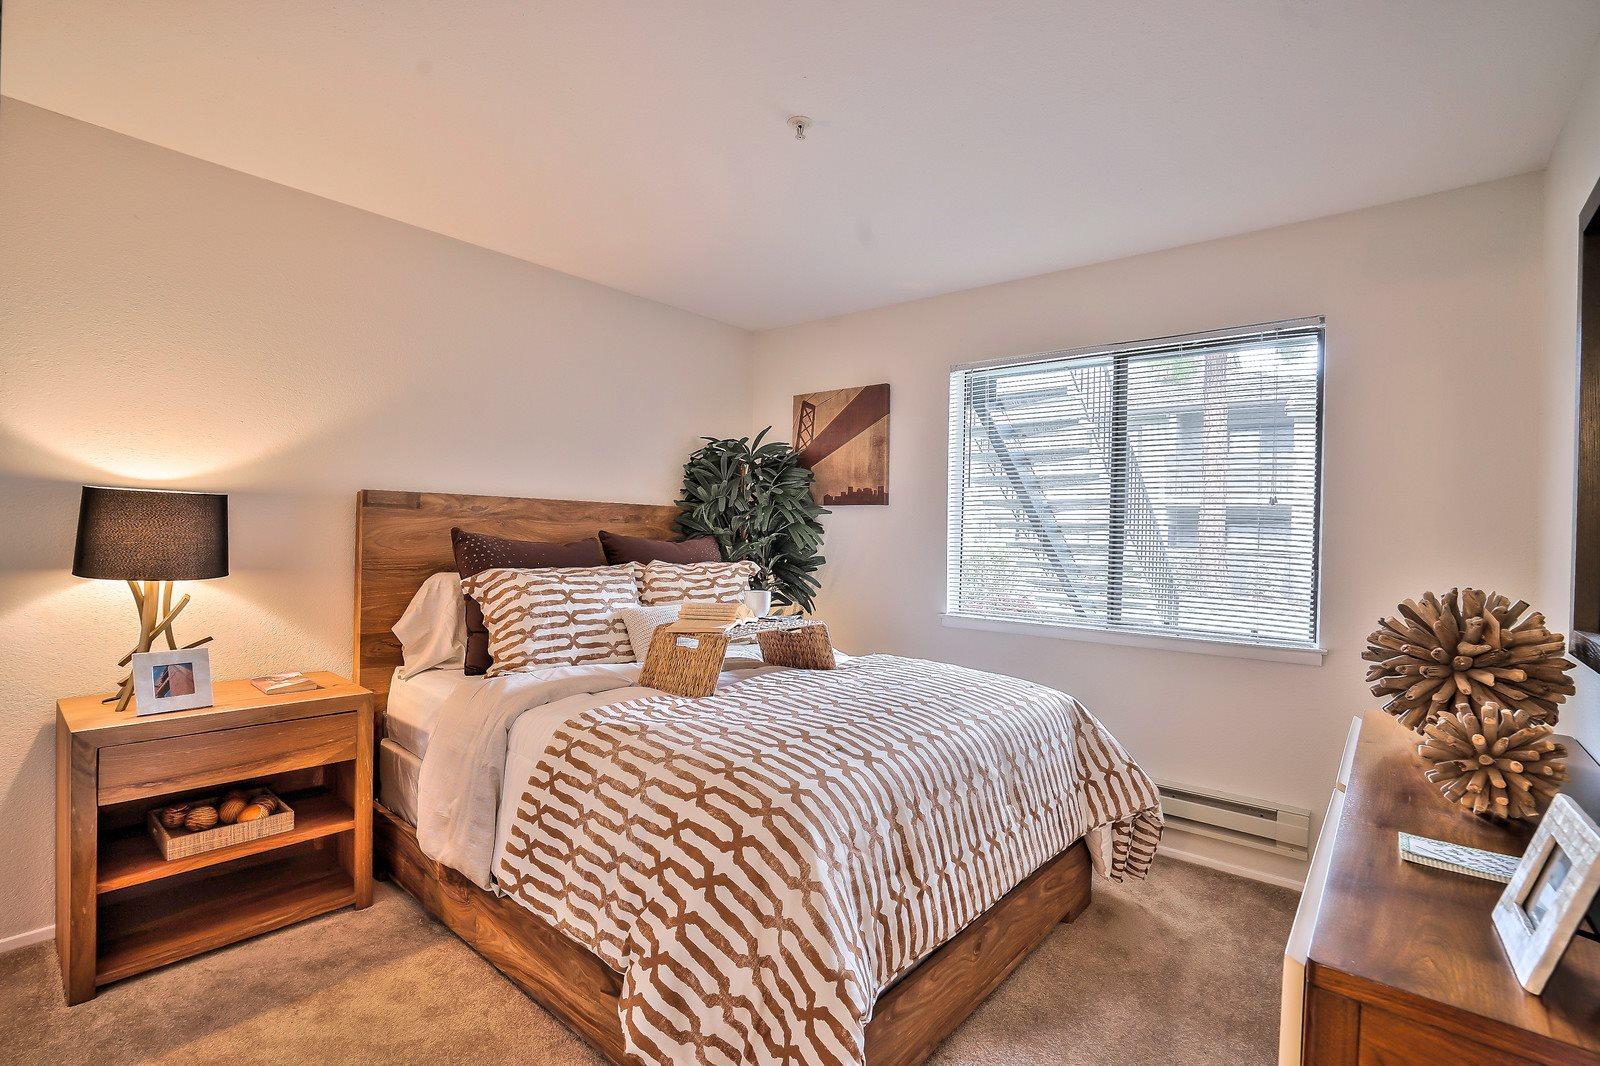 New Carpet in Bedrooms